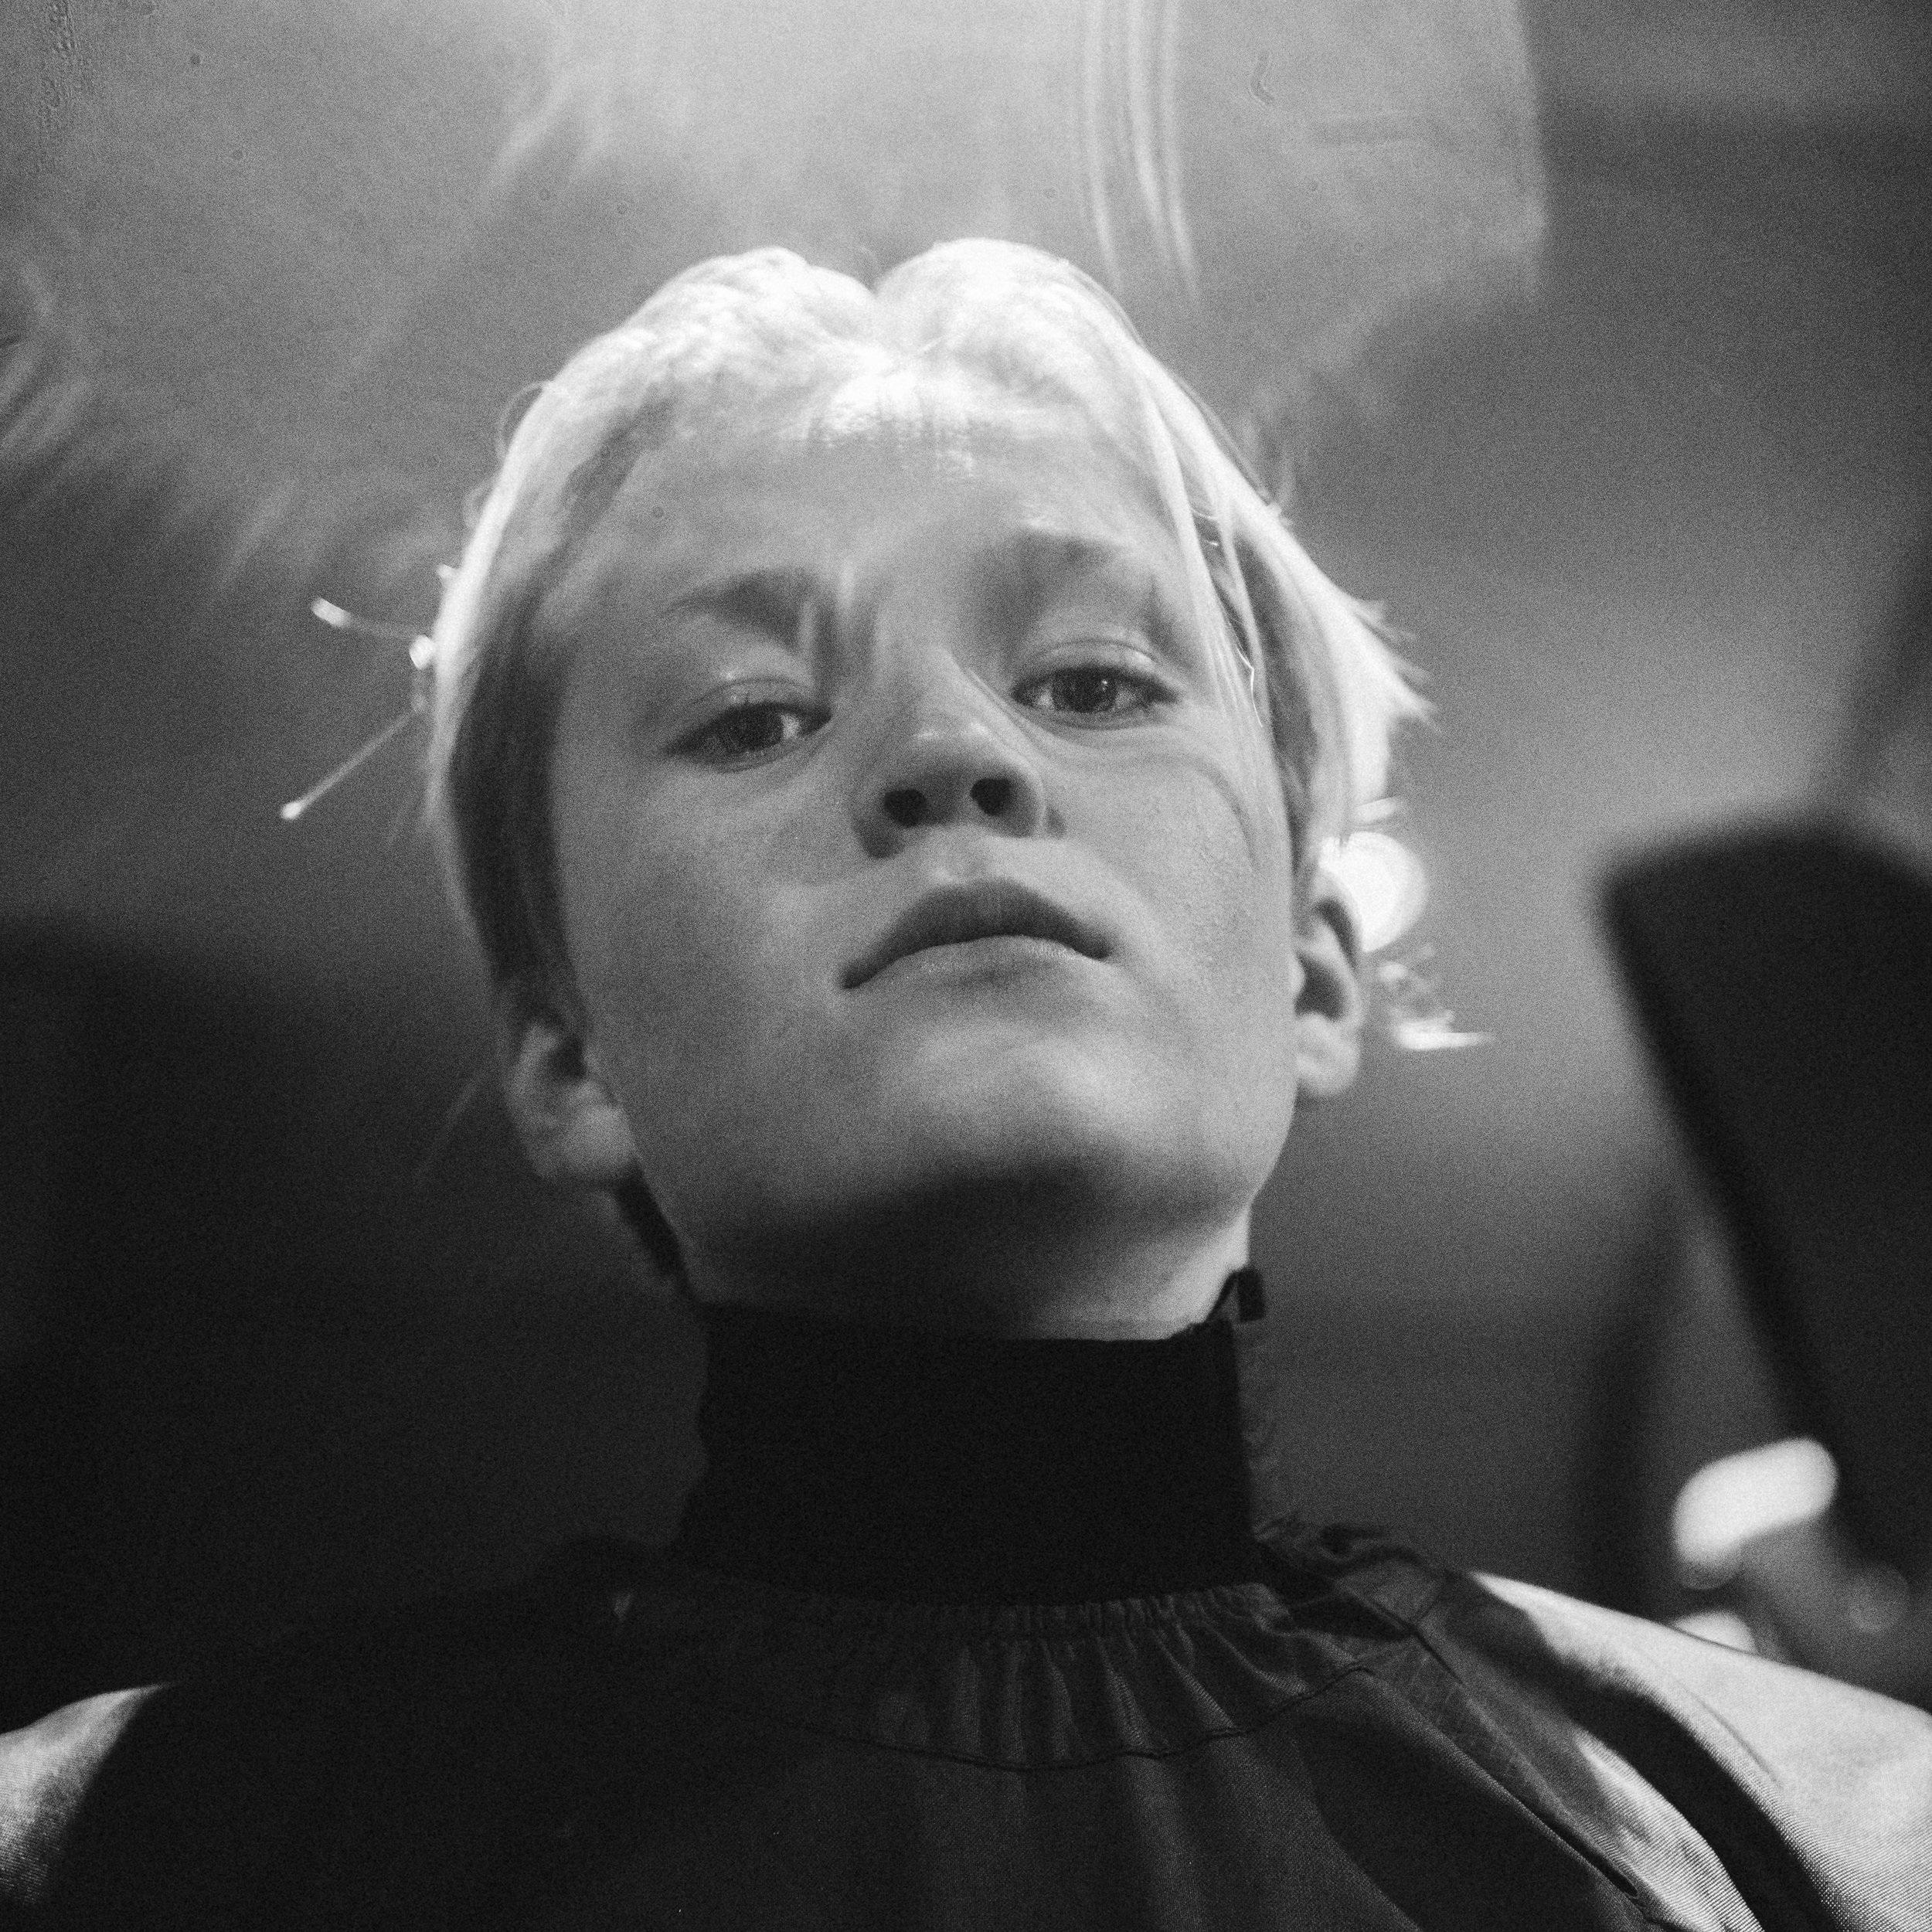 MACHOMAYNE - Machomayne er yngste medlem i FULL EFFEKT/NMG-gjengen, og Norges første barnerapper.. .siden Ståle Stil.Skjønt, barn og barn. Han er akkurat blitt tenåring, men har laget musikk siden han var åtte år, med sin pappa og storebror.Etter at låten «Fidget Spinner» tok av på nettet, var veien kort til Bergens-bølgens hovedkontor.Med sin ungdommelige energi, og en tilstedeværelse stort sett forbeholdt artister med et langt liv på scenen bak seg, har han sjarmert det bergenske konsertpublikummet i senk.Nå står Nordland for tur!